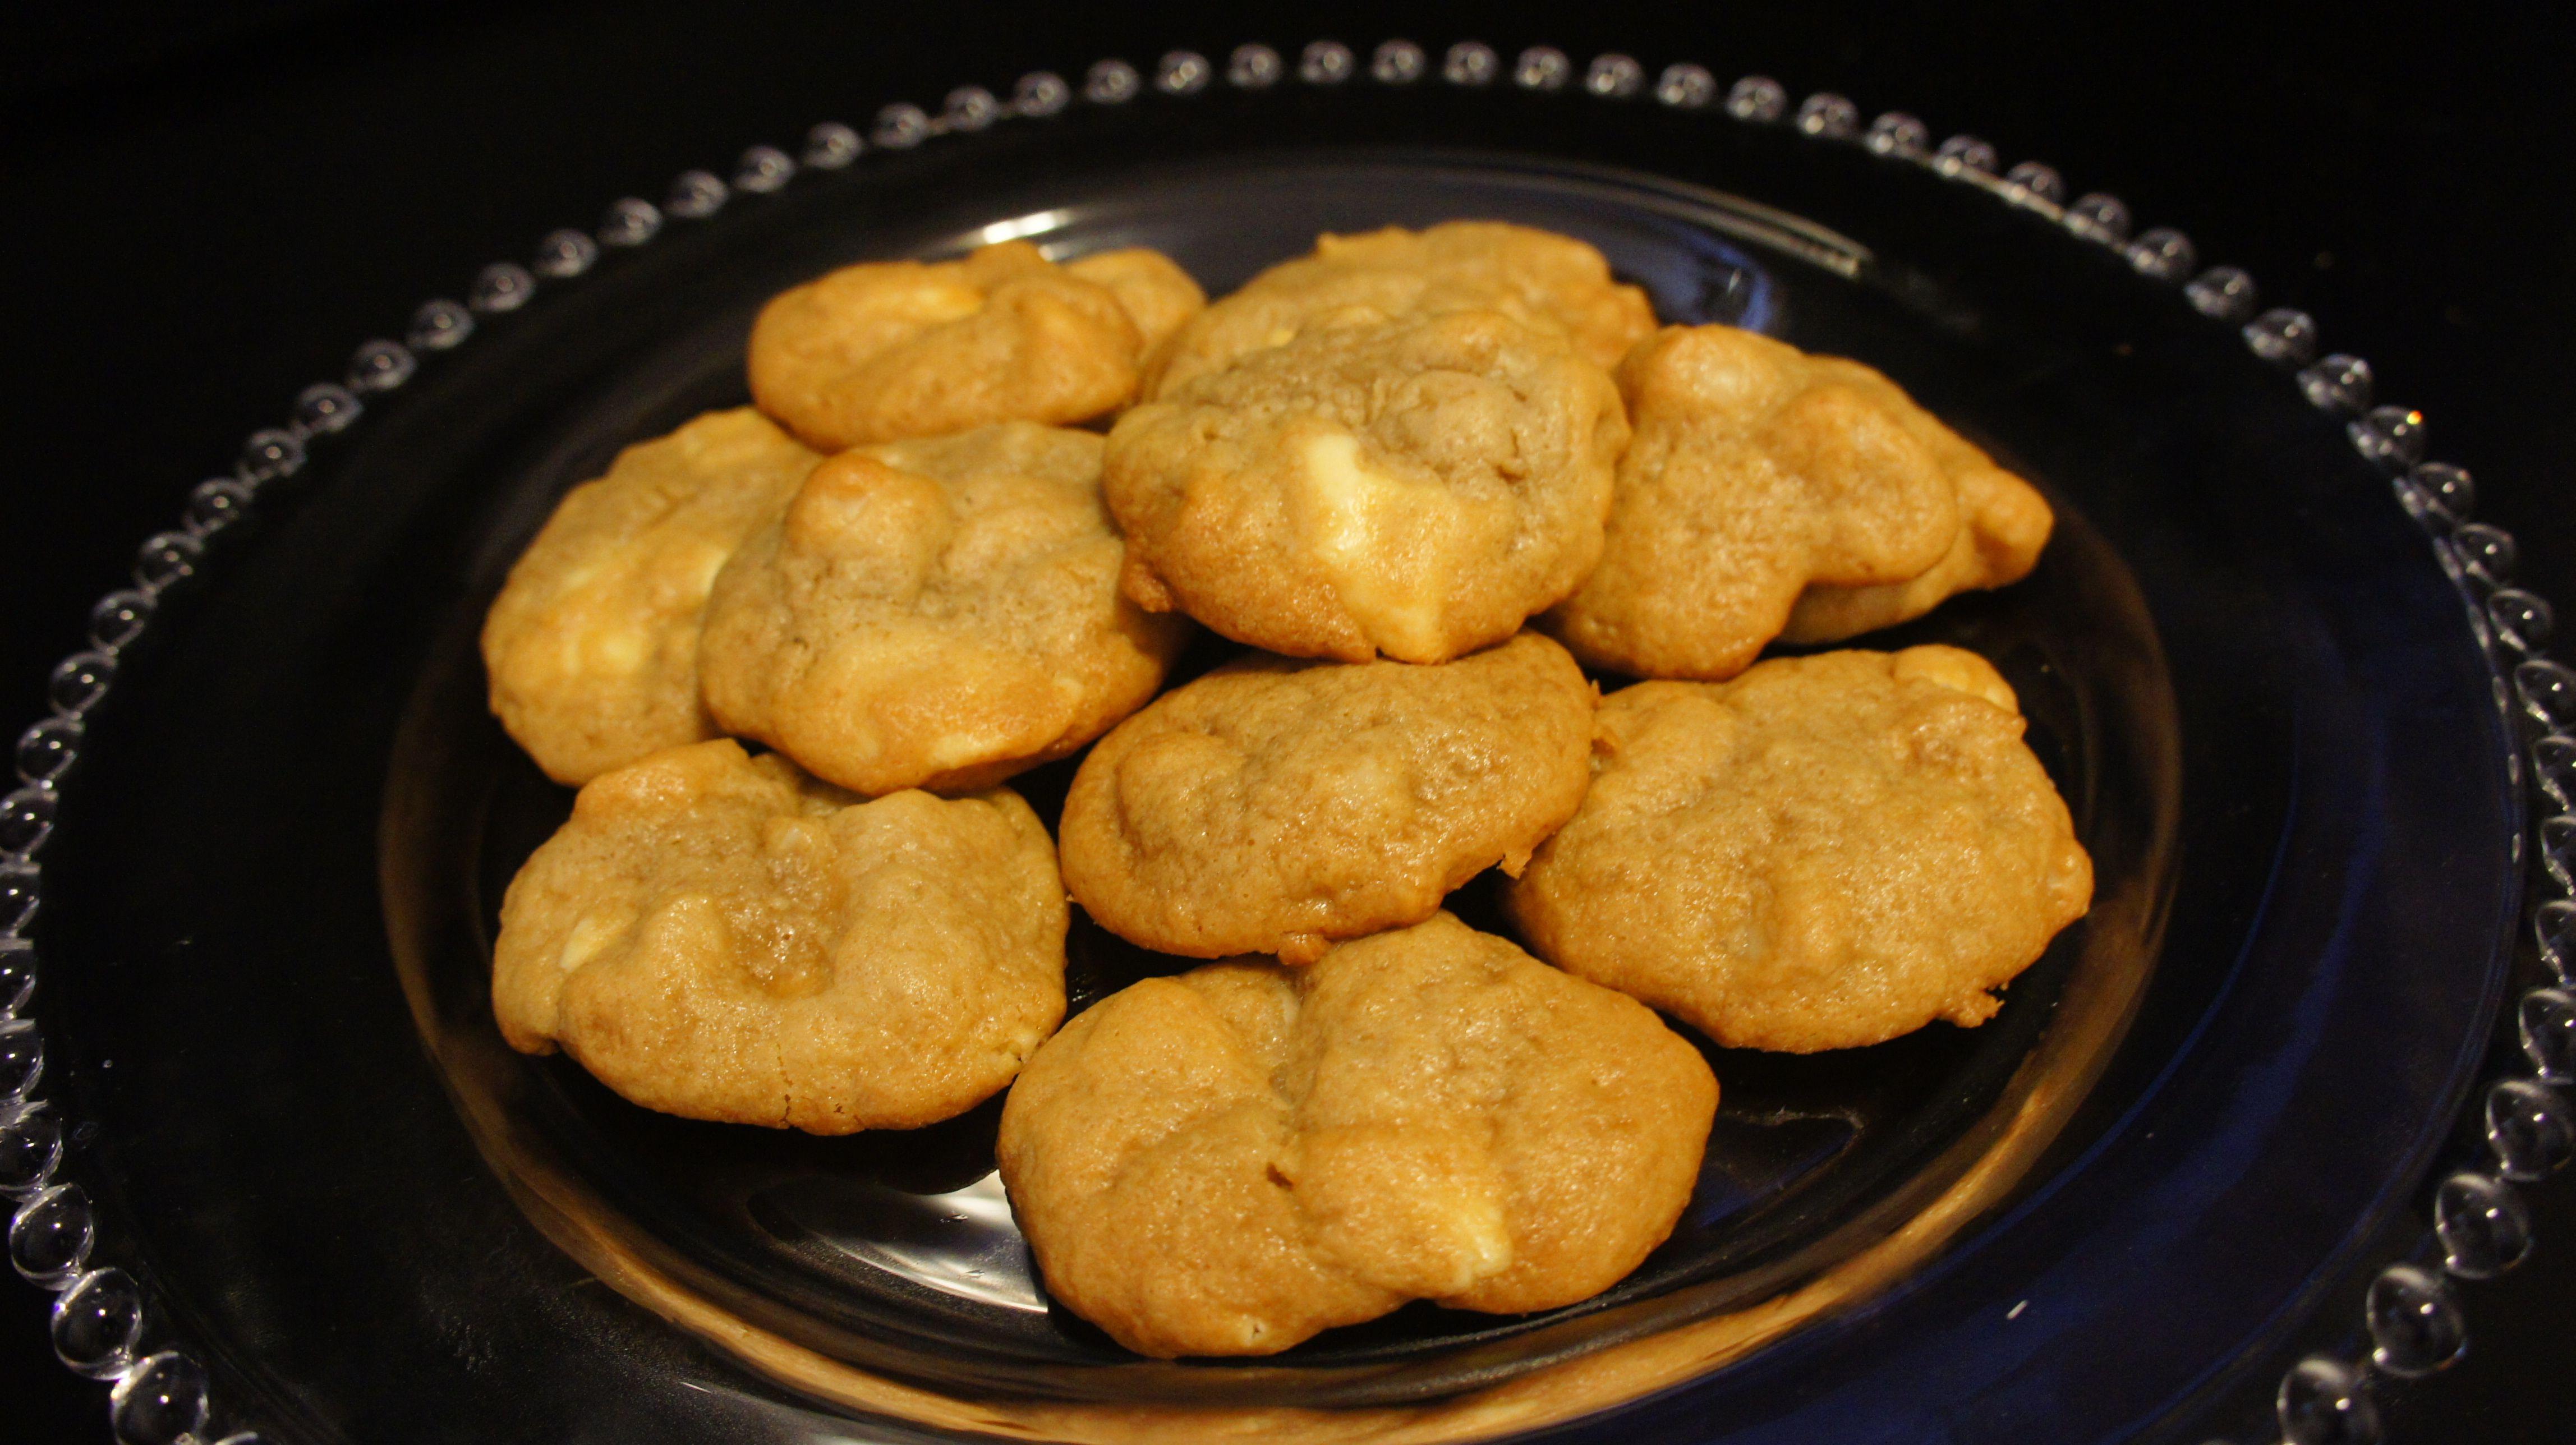 Cookies de macadâmia e chocolate branco / Macadamia and white chocolate cookies